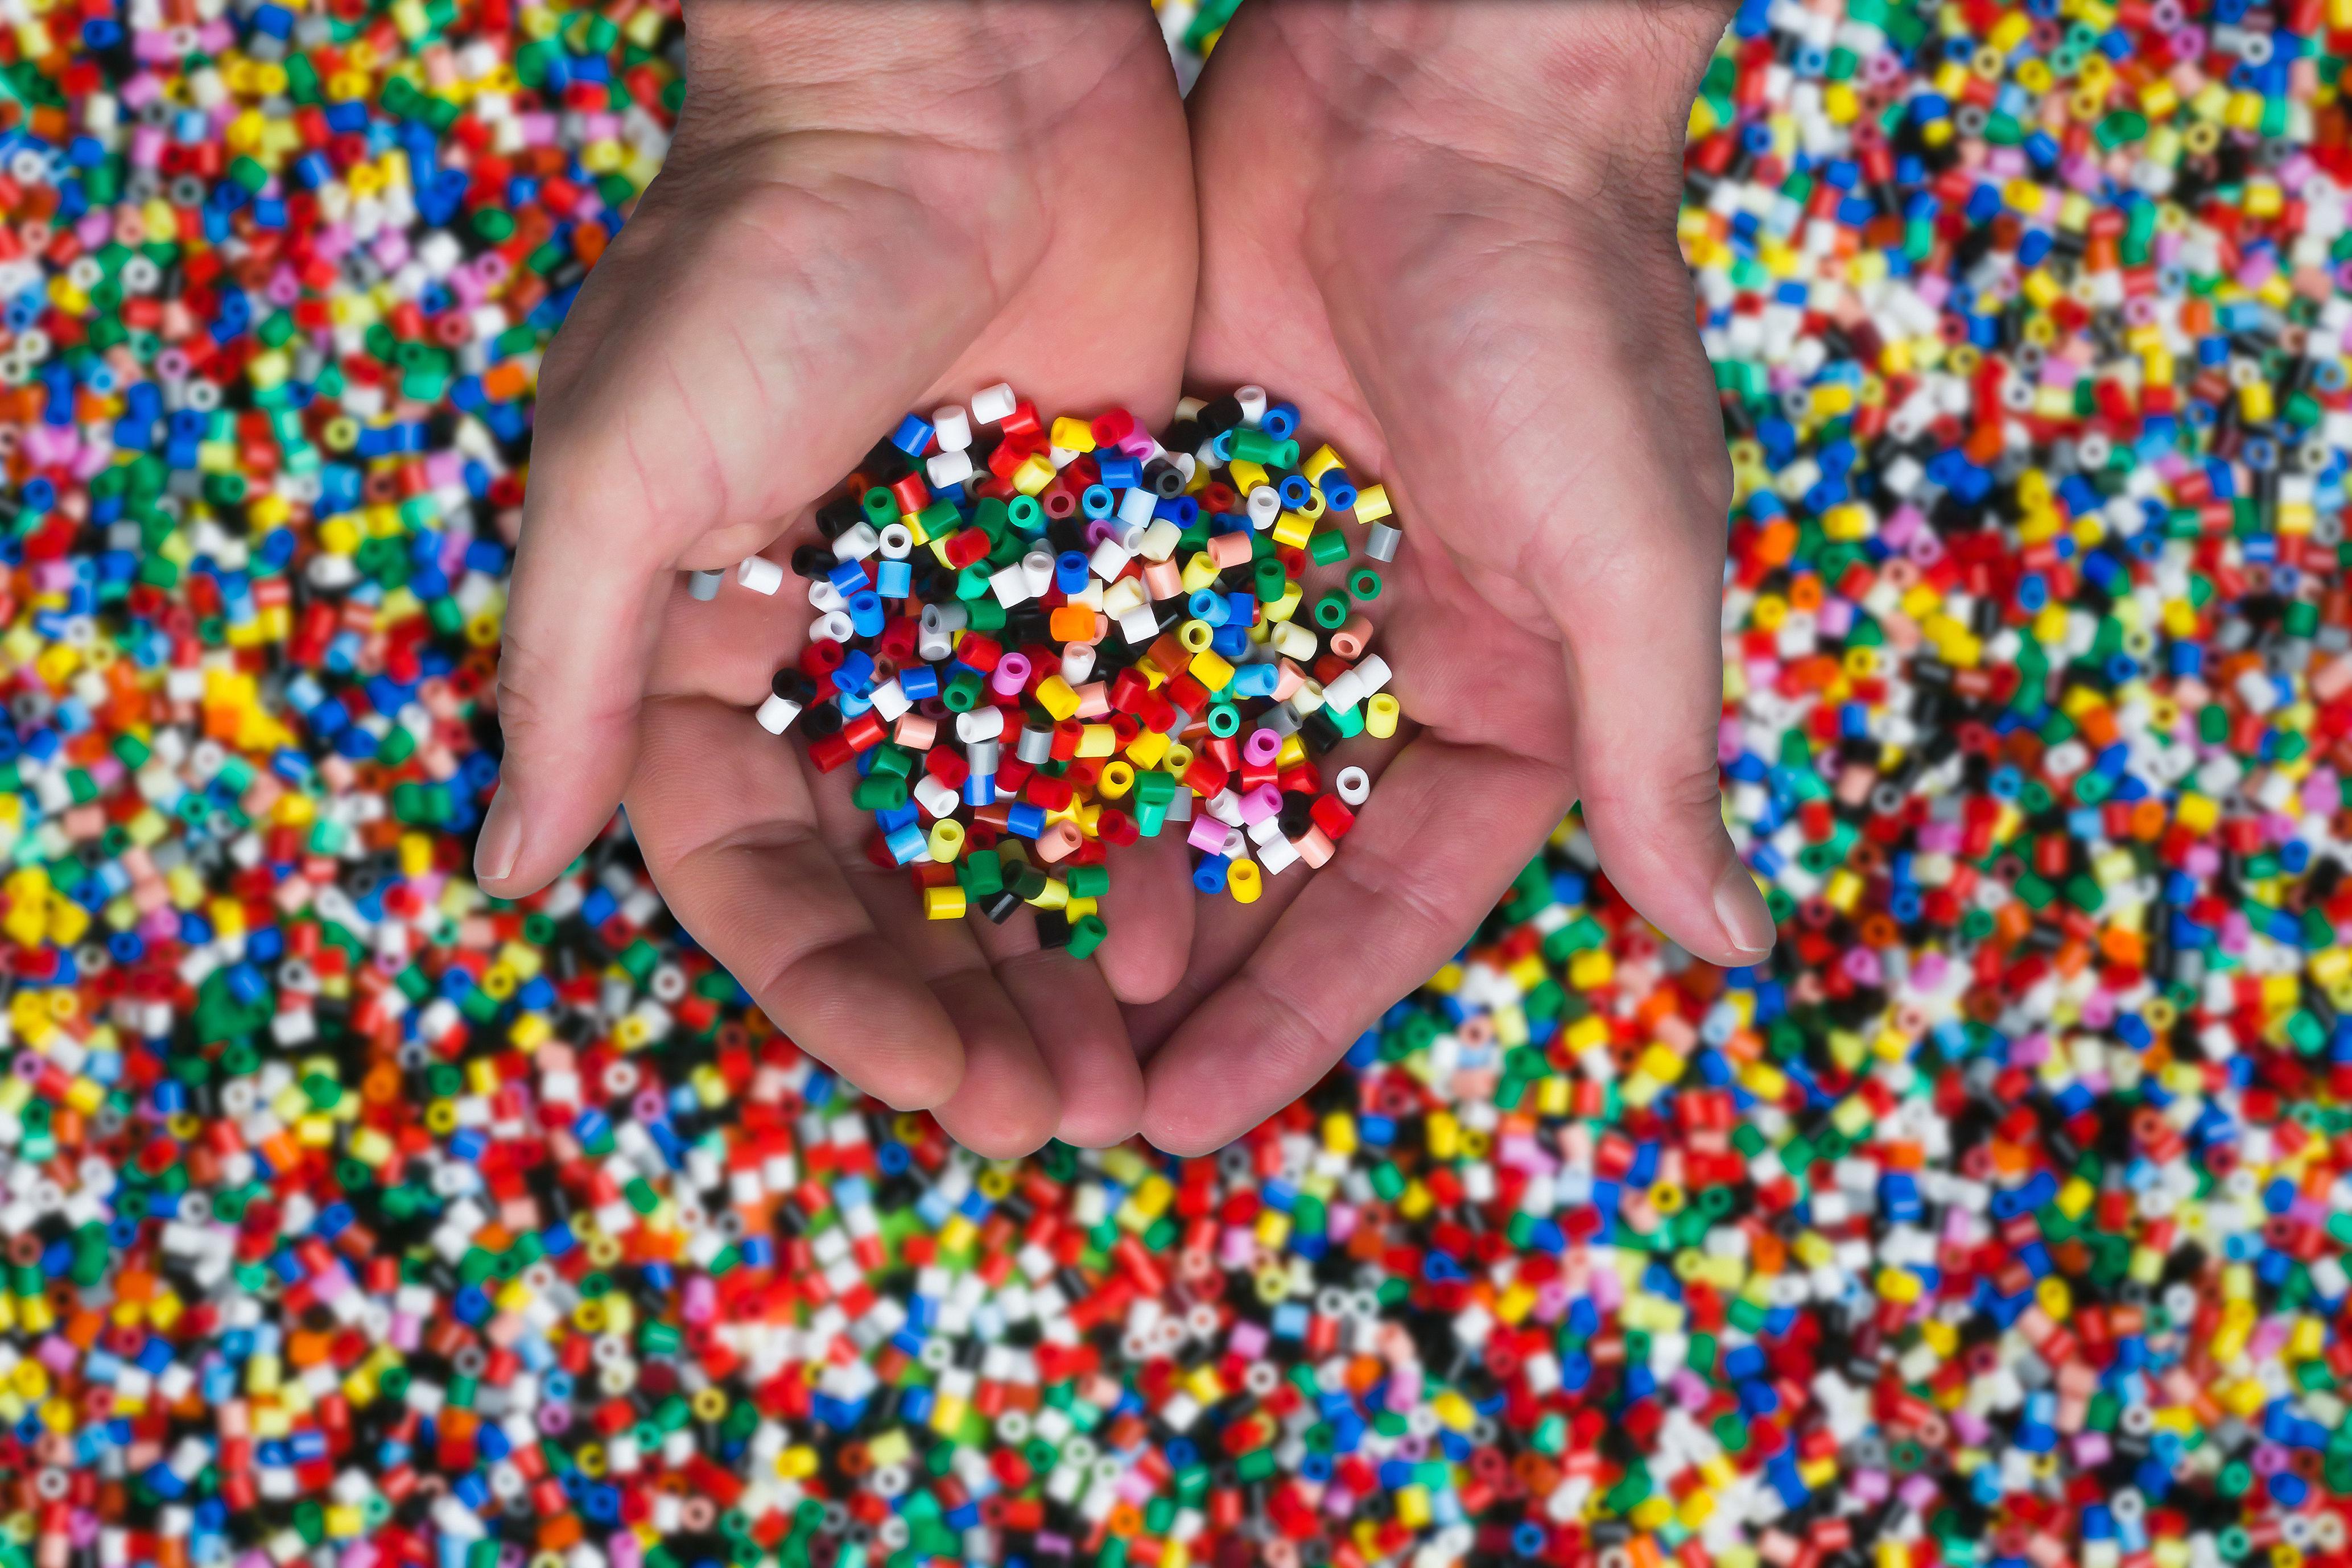 6429 - ¿Eres un friki de los plásticos?